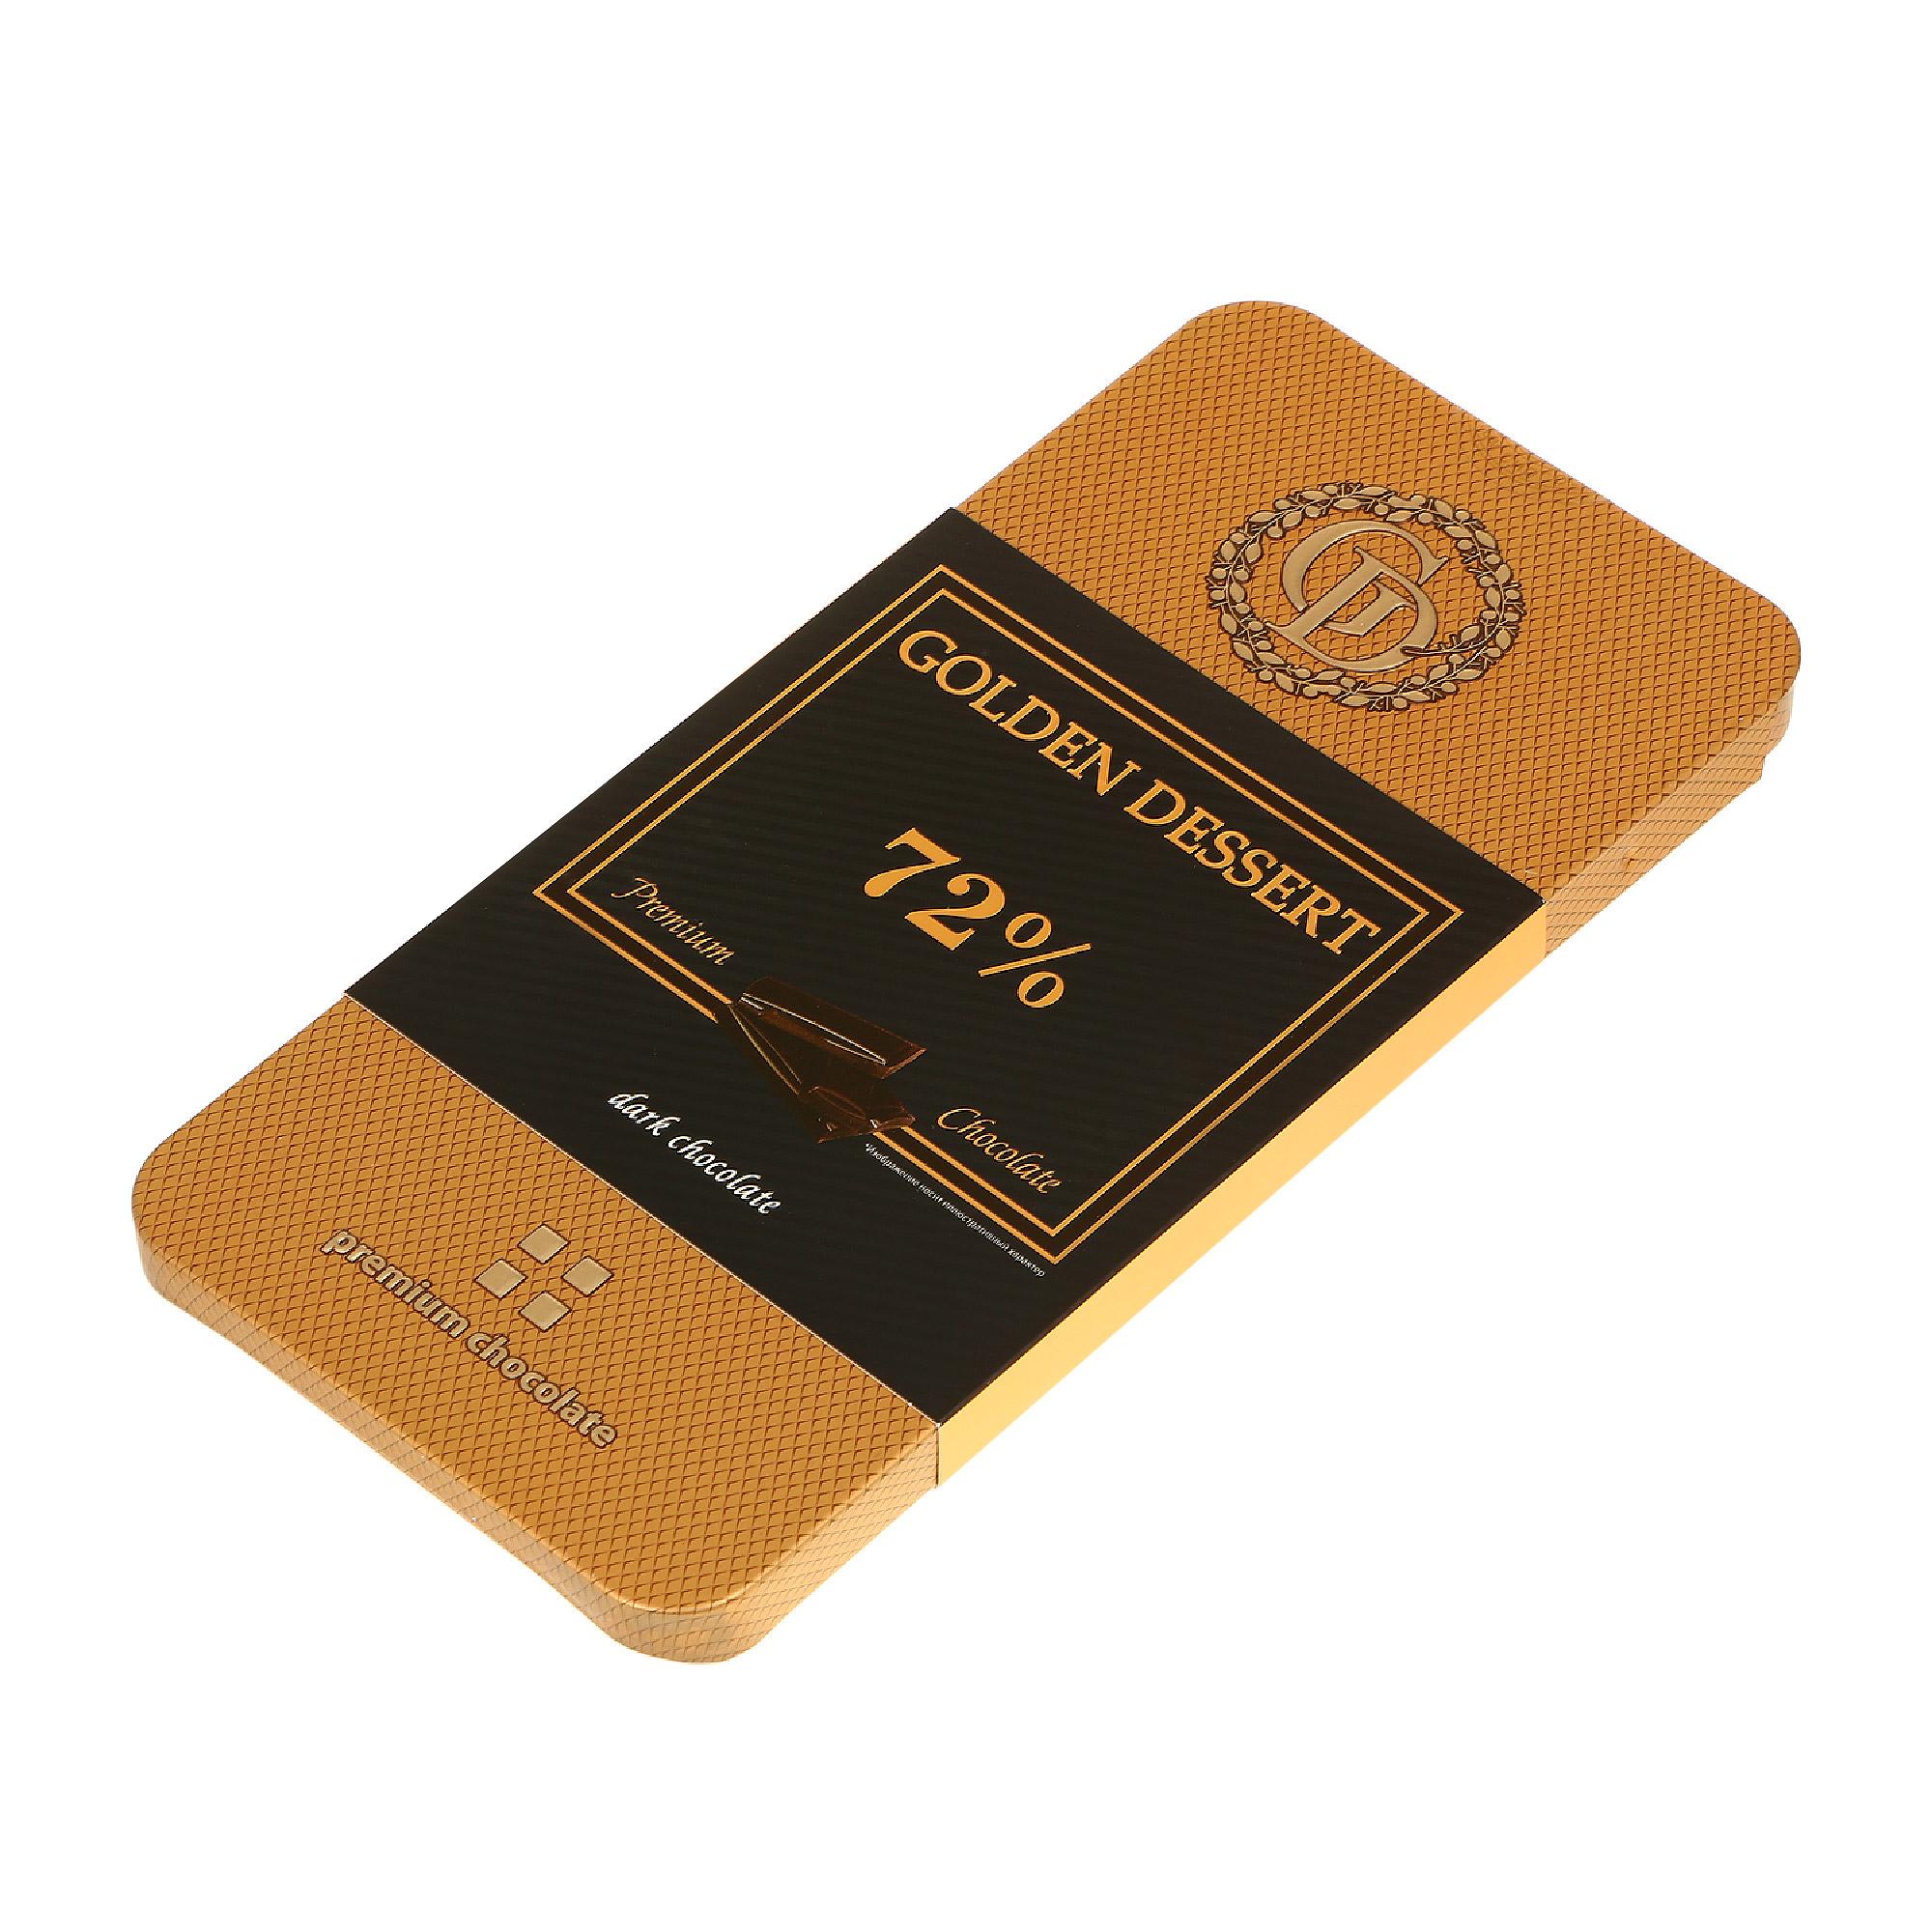 Шоколад горький GOLDEN DESSERT 72% 100 г